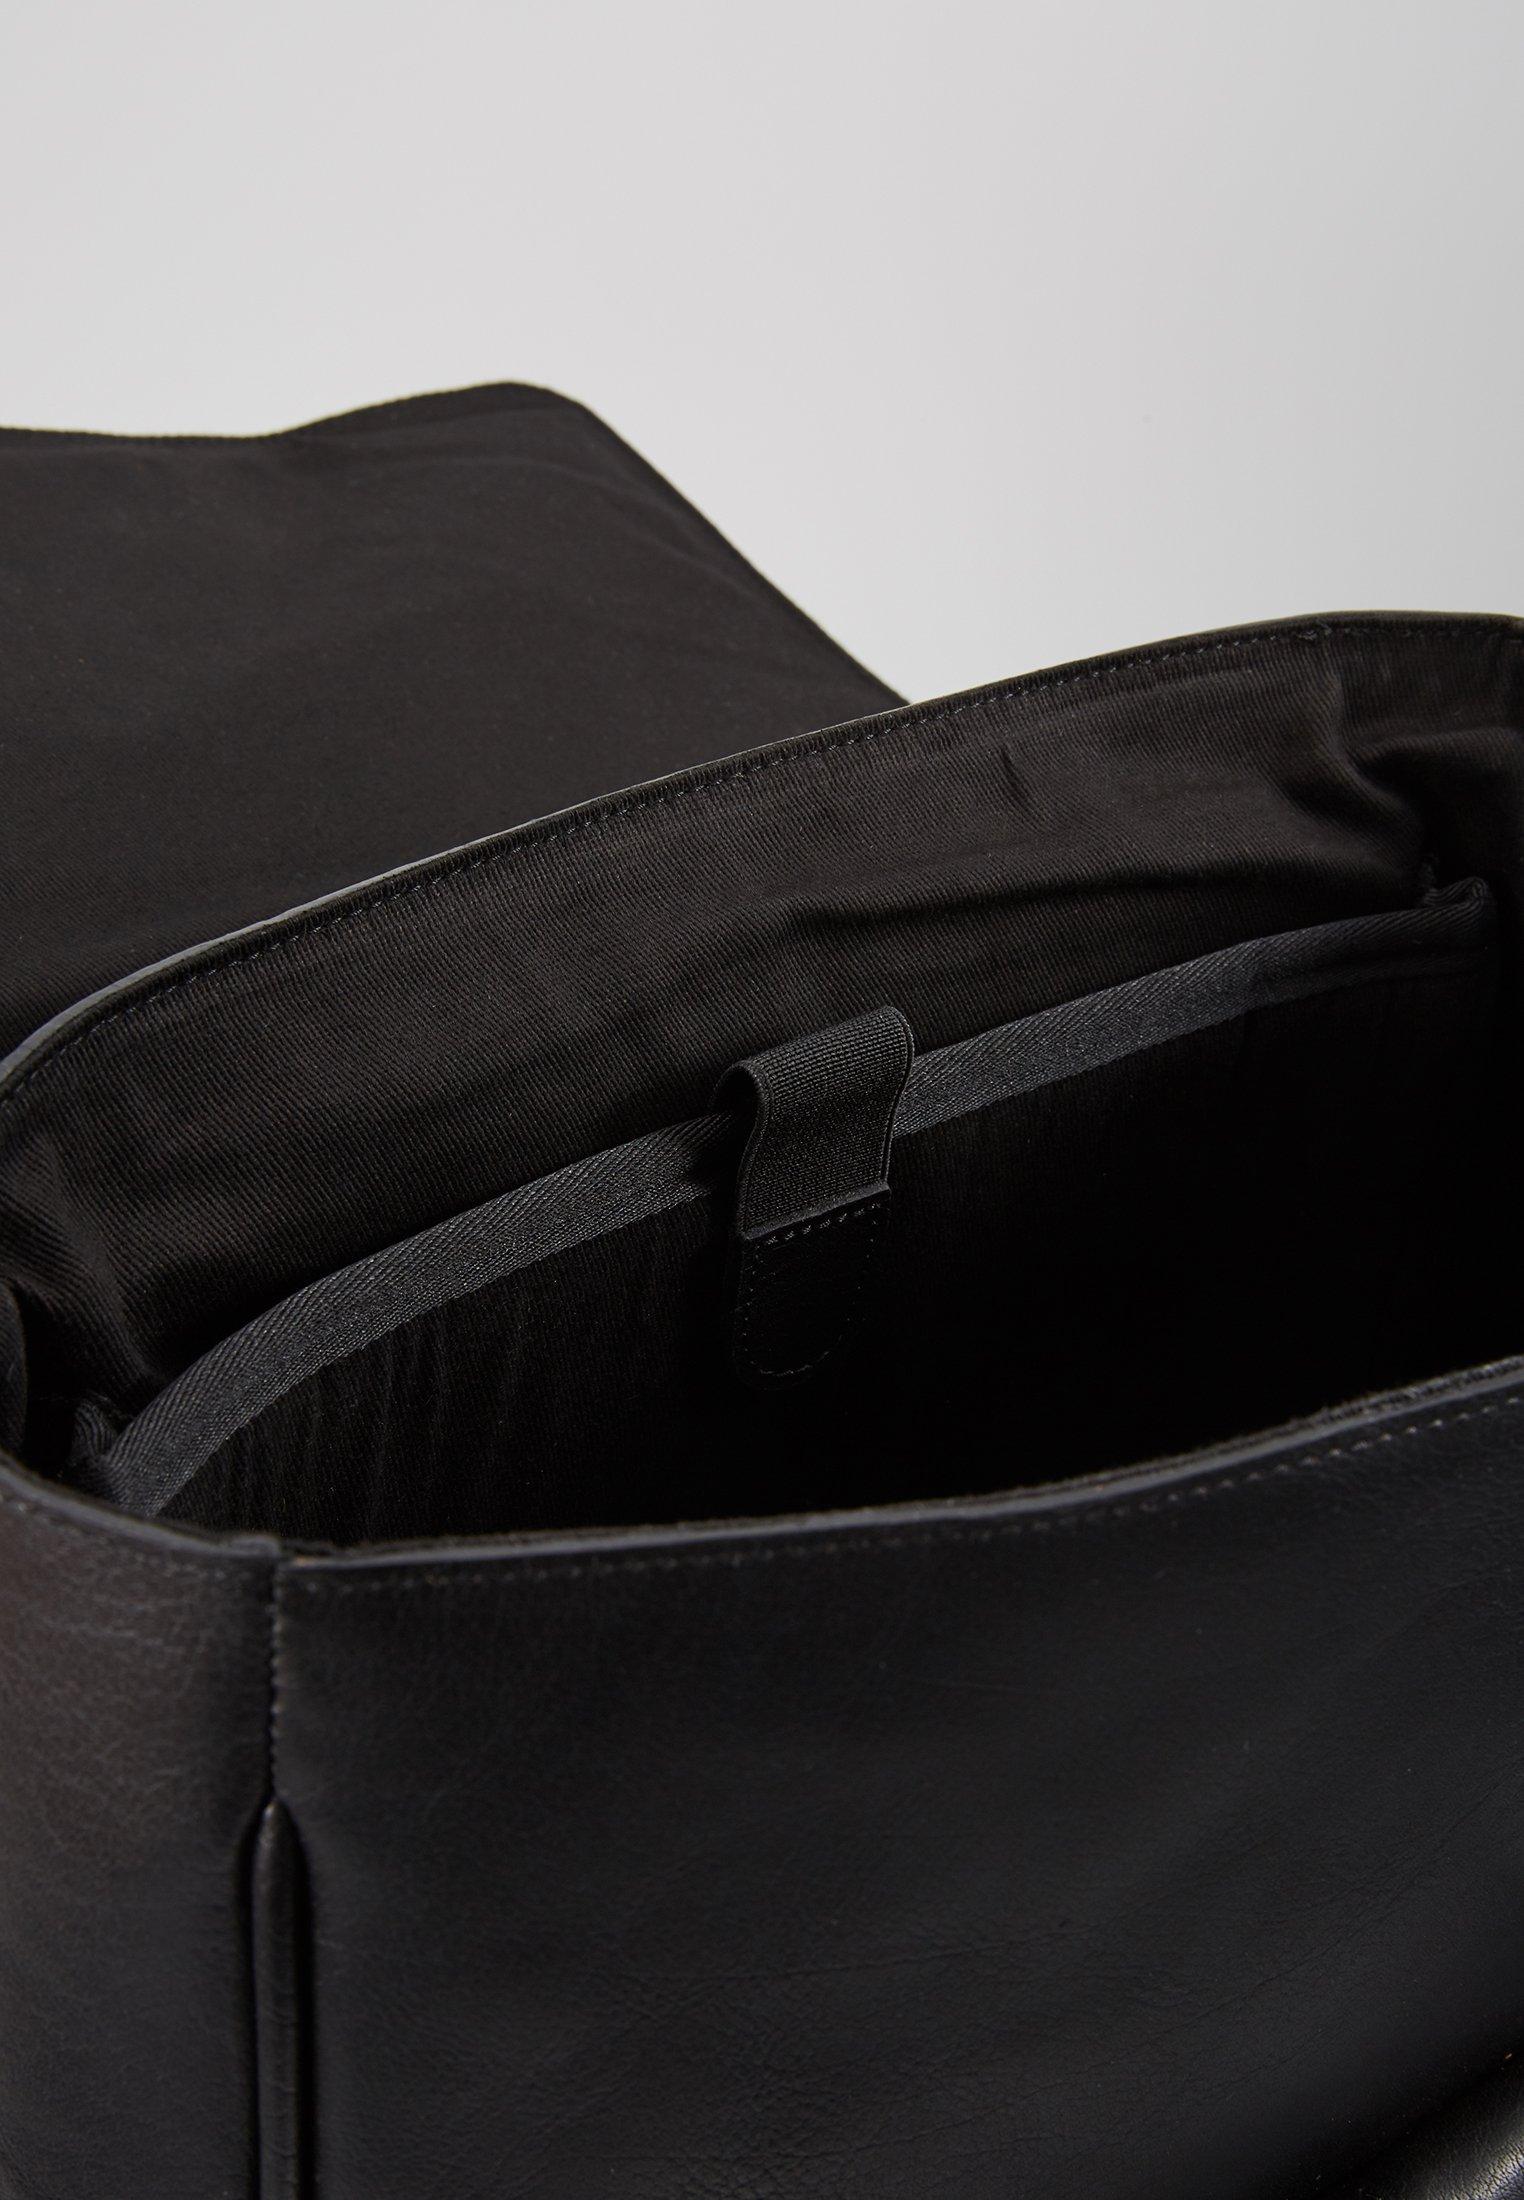 À Shelby BackpackSac Dos Multi Nordic Still Black 5LRj34Aqc